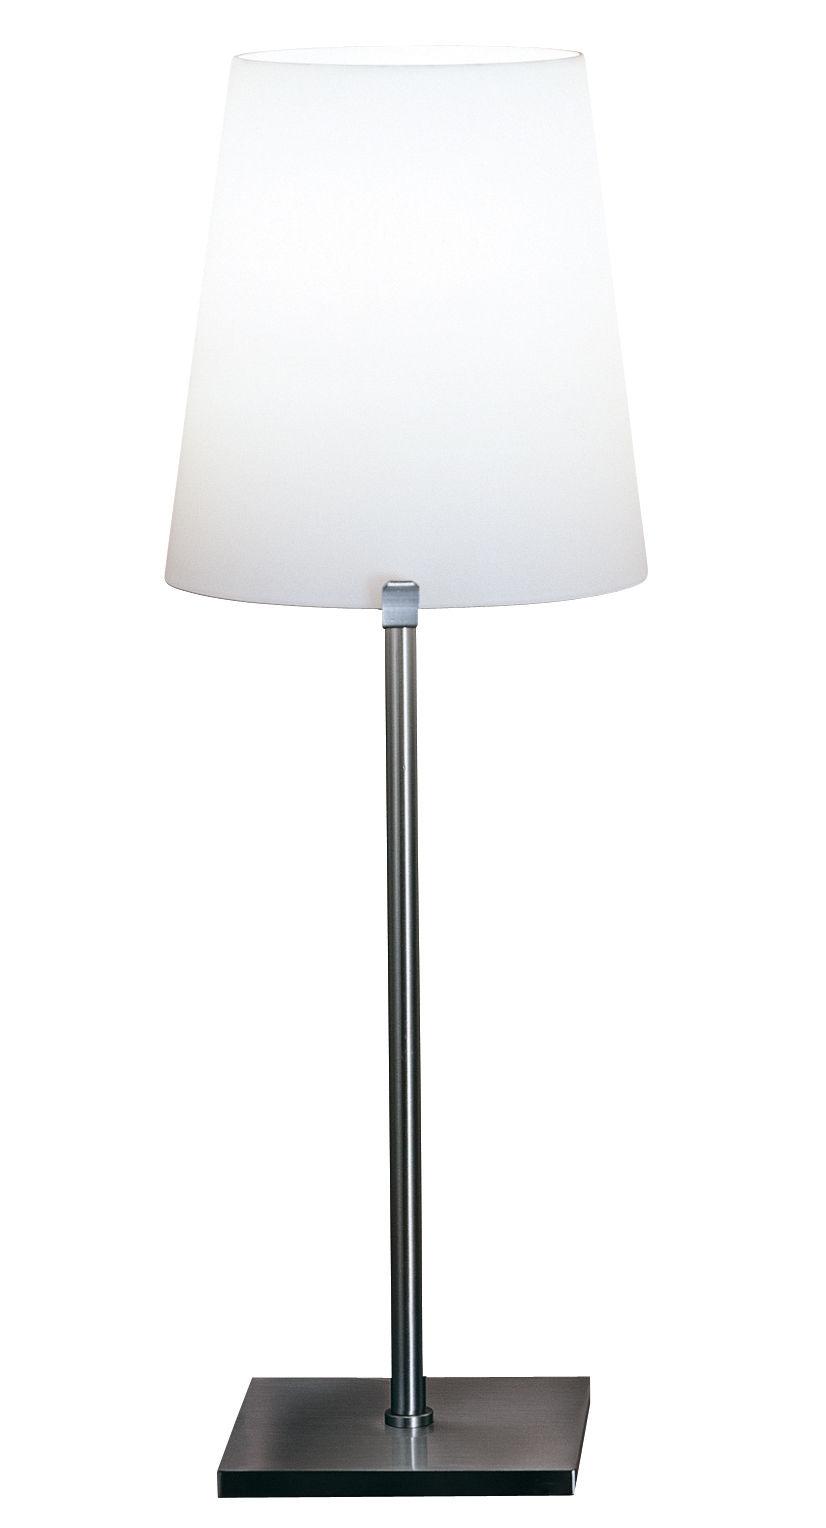 Illuminazione - Lampade da tavolo - Lampada da tavolo Chiara di Fontana Arte - Bianco - Acciaio inossidabile satinato, vetro soffiato